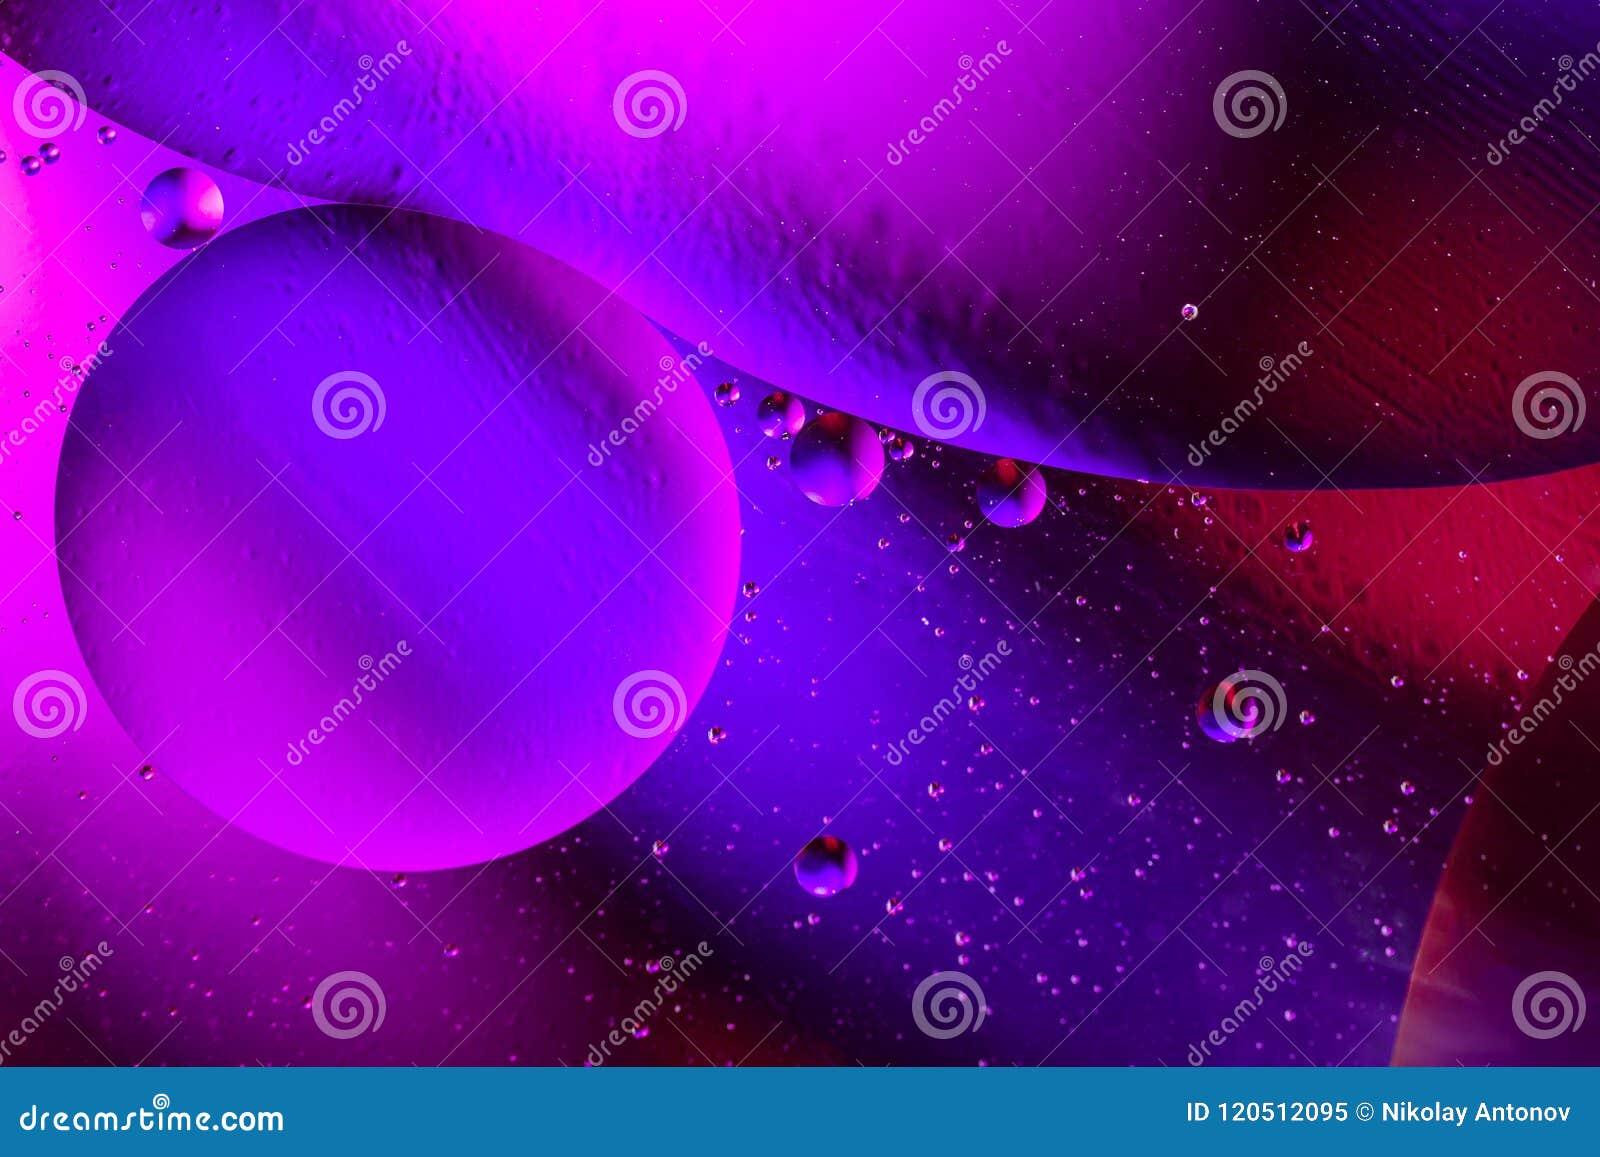 Fondo púrpura abstracto cósmico del universo del espacio o de los planetas Sctructure abstracto del átomo de la molécula Burbujas